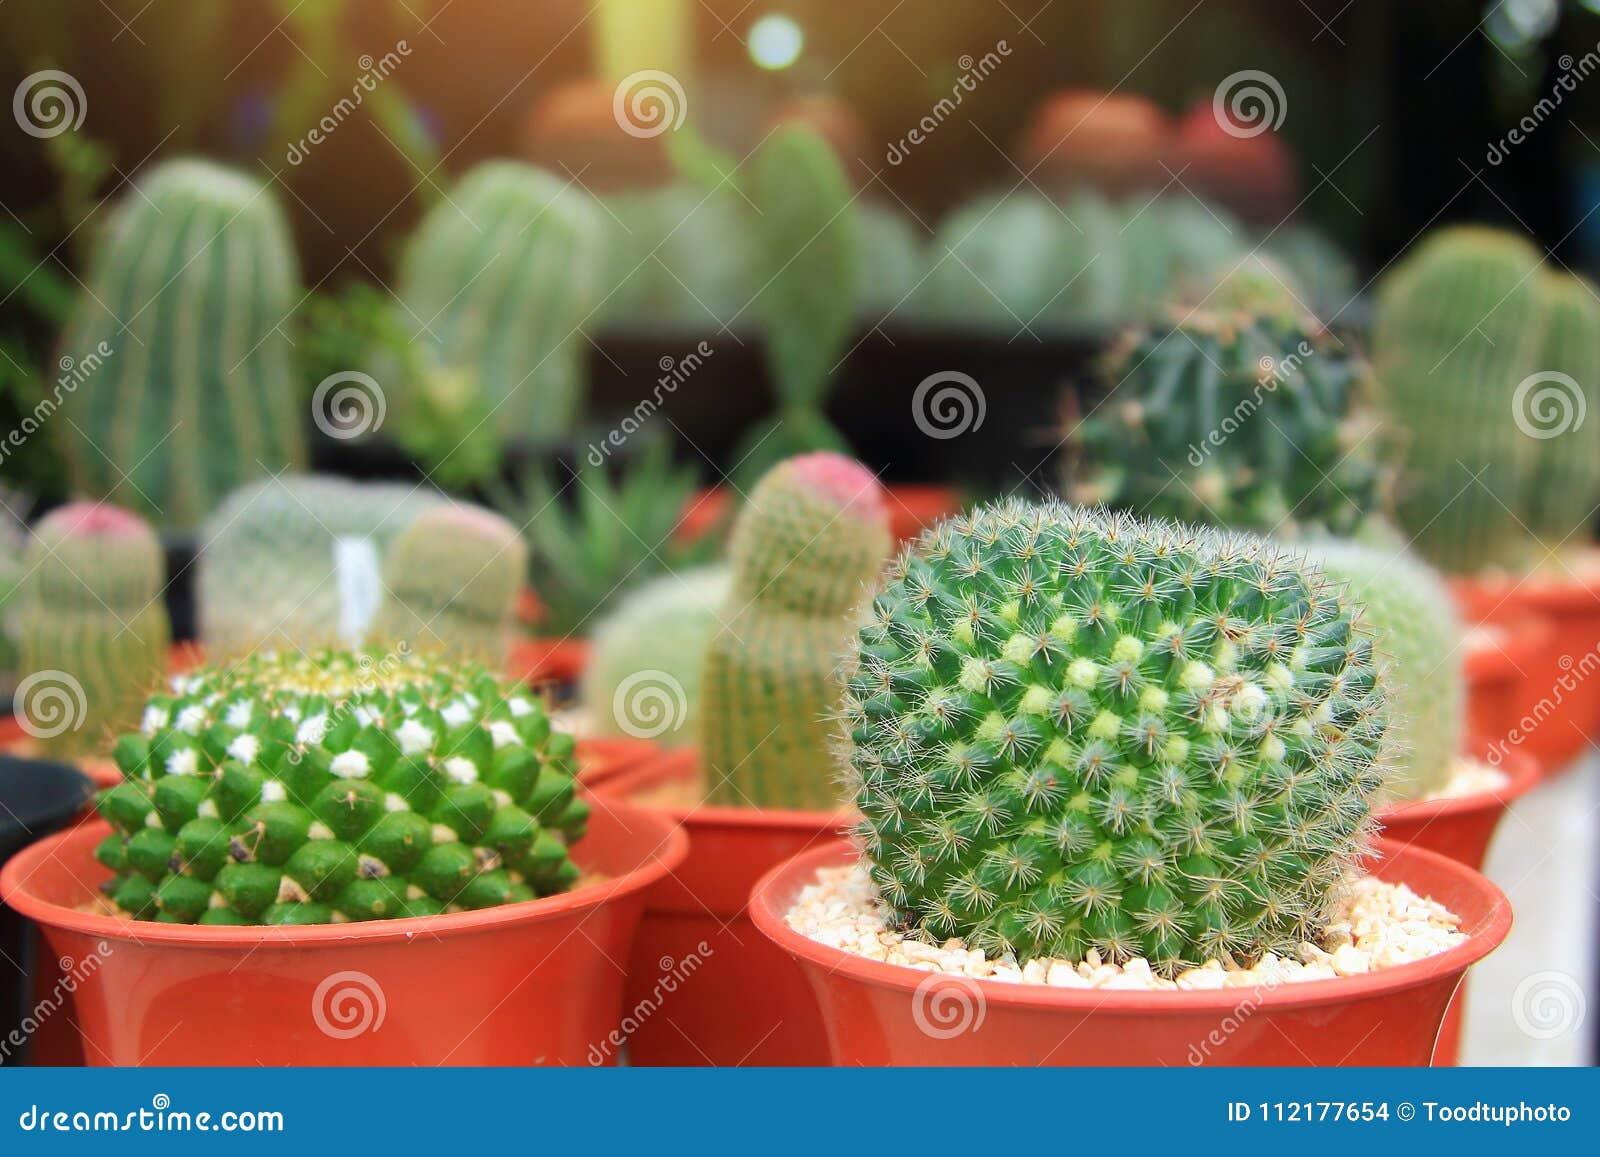 Is de cactus sierplanten in jardiniere met het slaan van kleur zo mooi in tuin, Cereus hexagonus wetenschappelijke naam